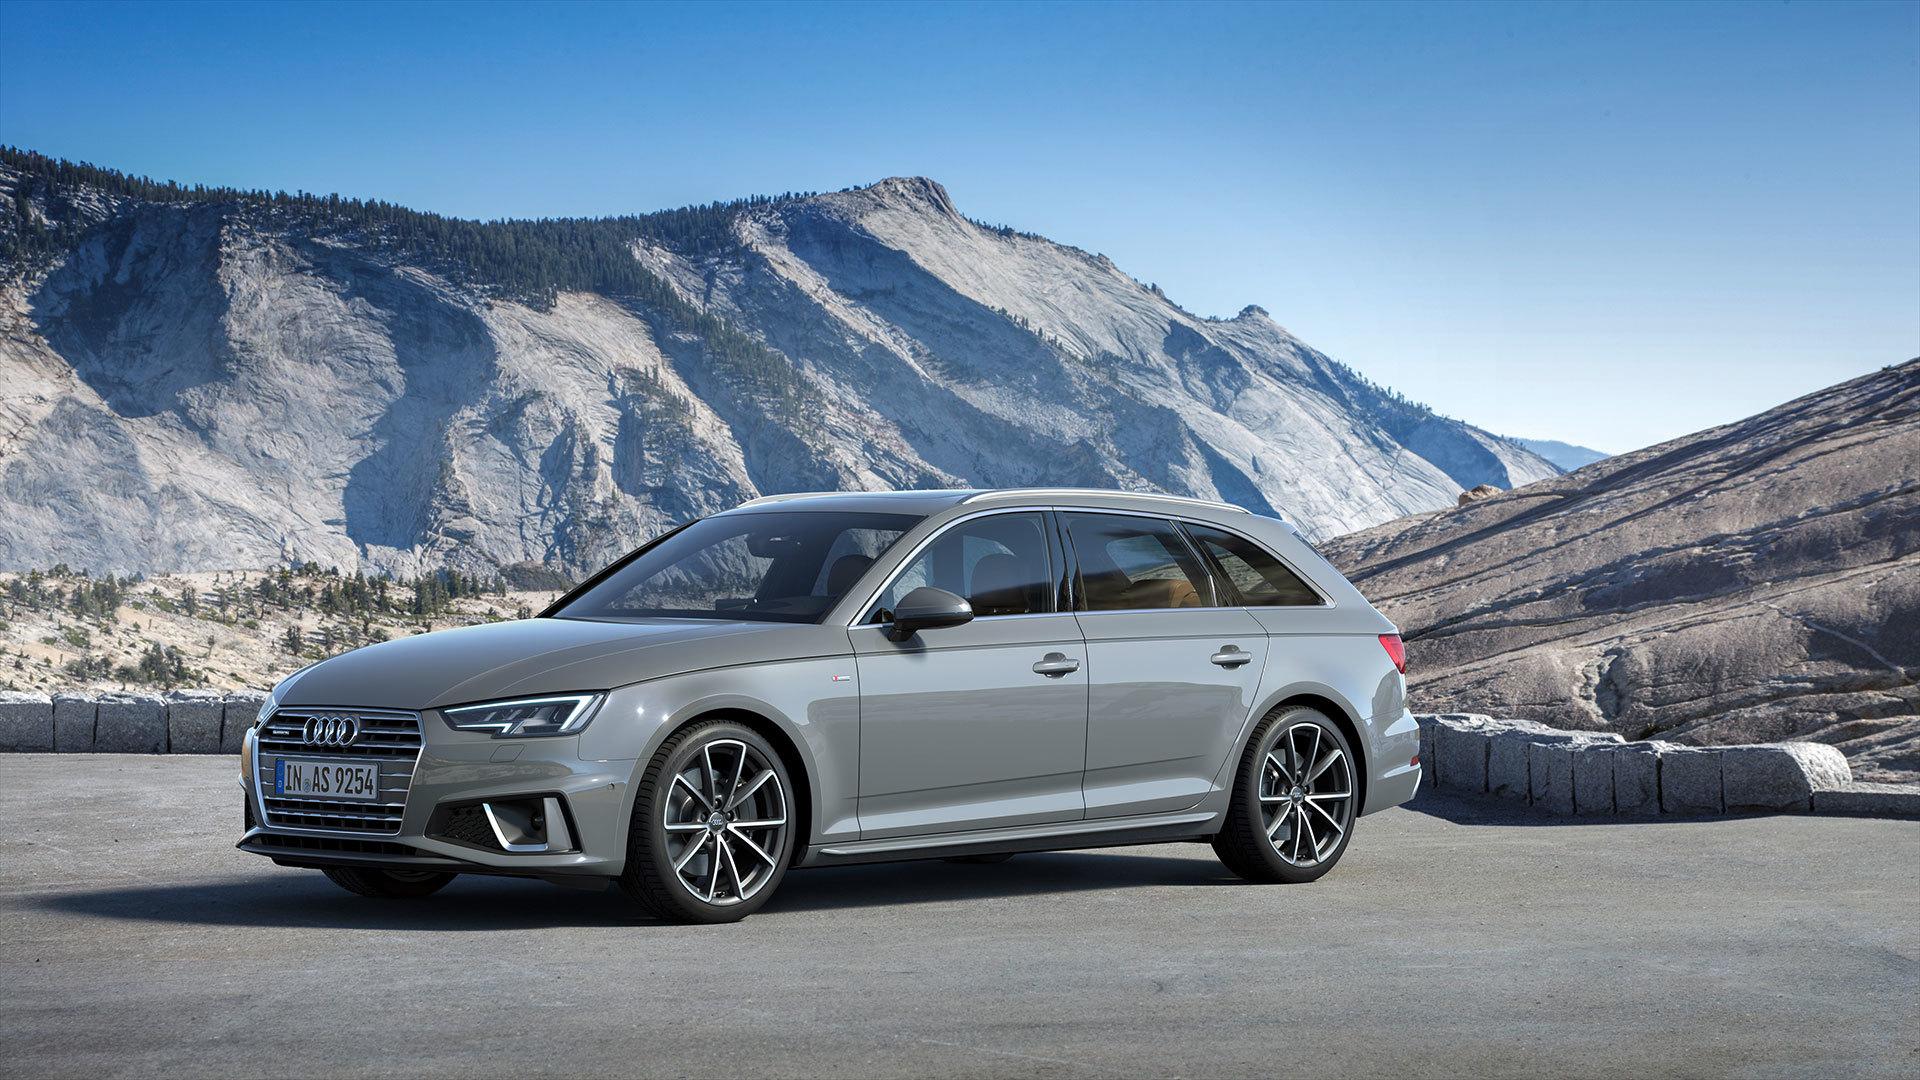 Audi A4 Avant 2018 03